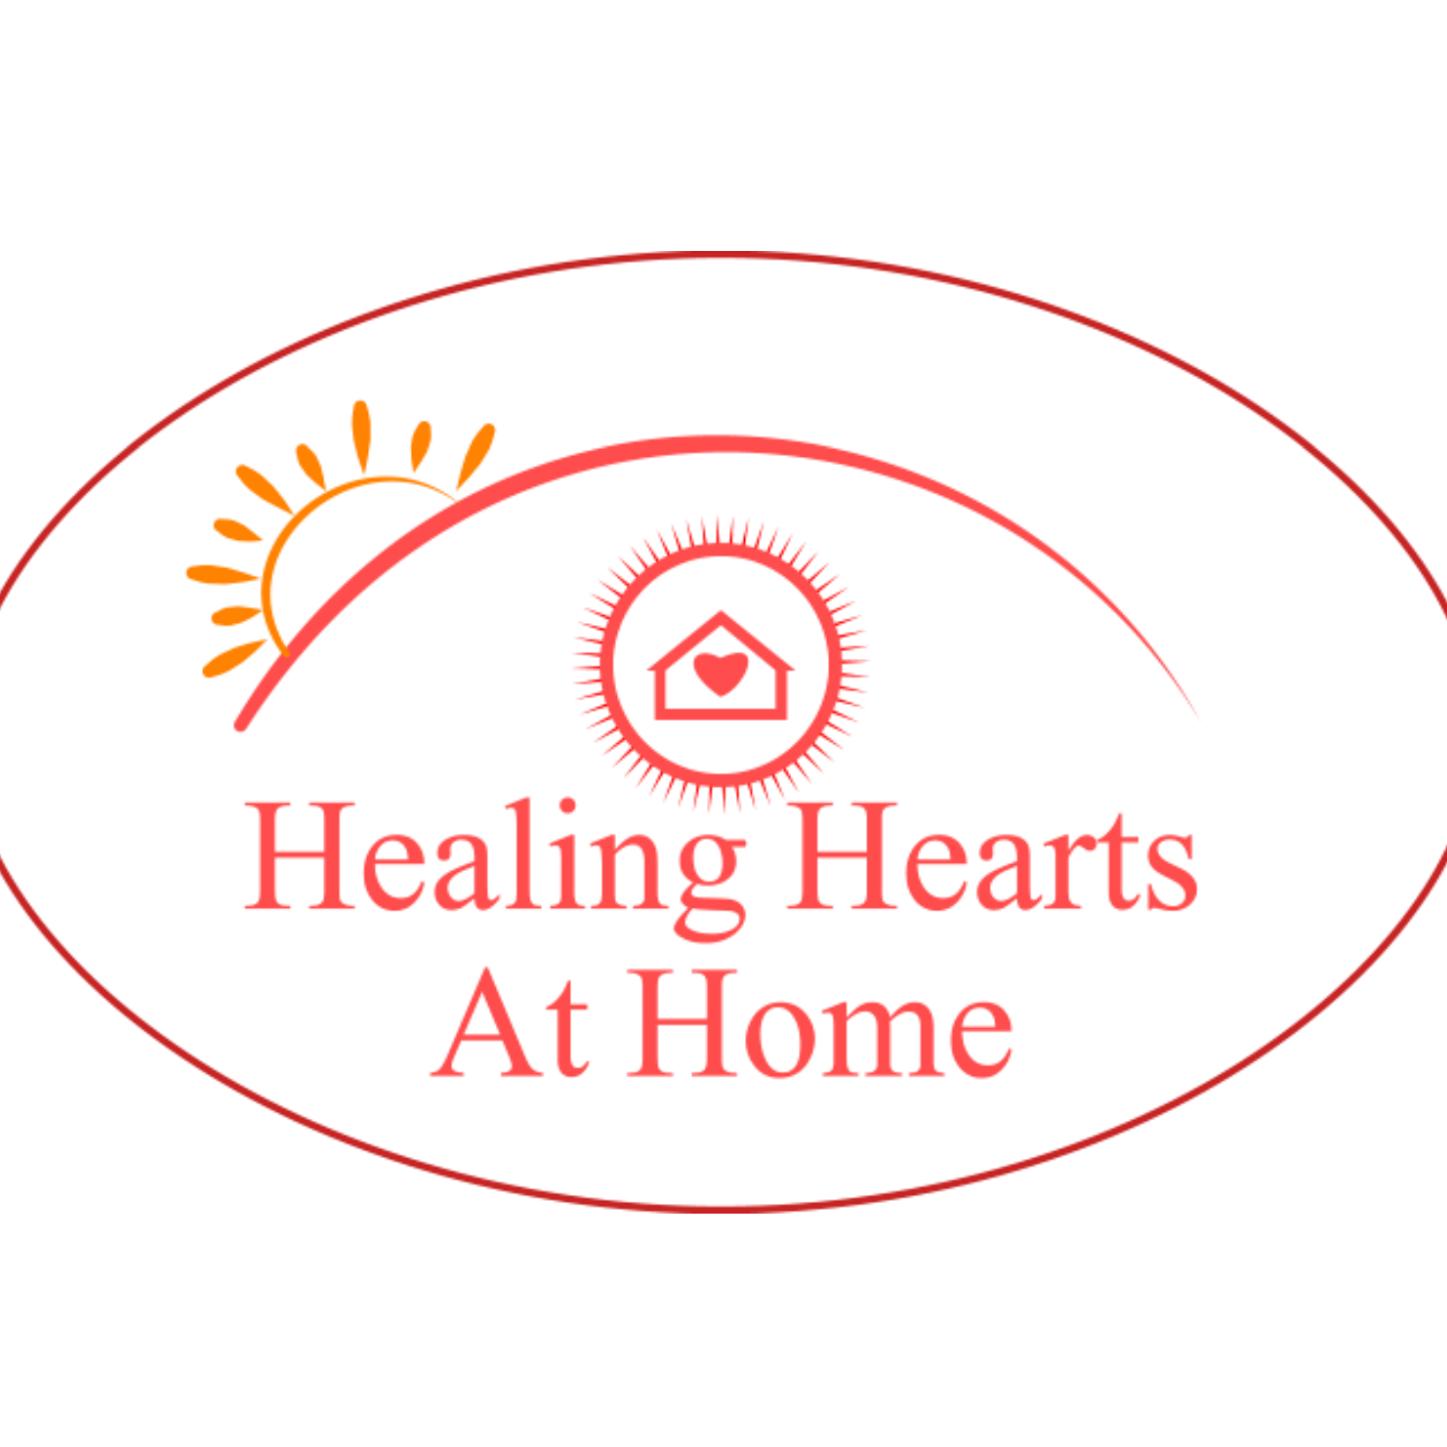 Healing Hearts At Home